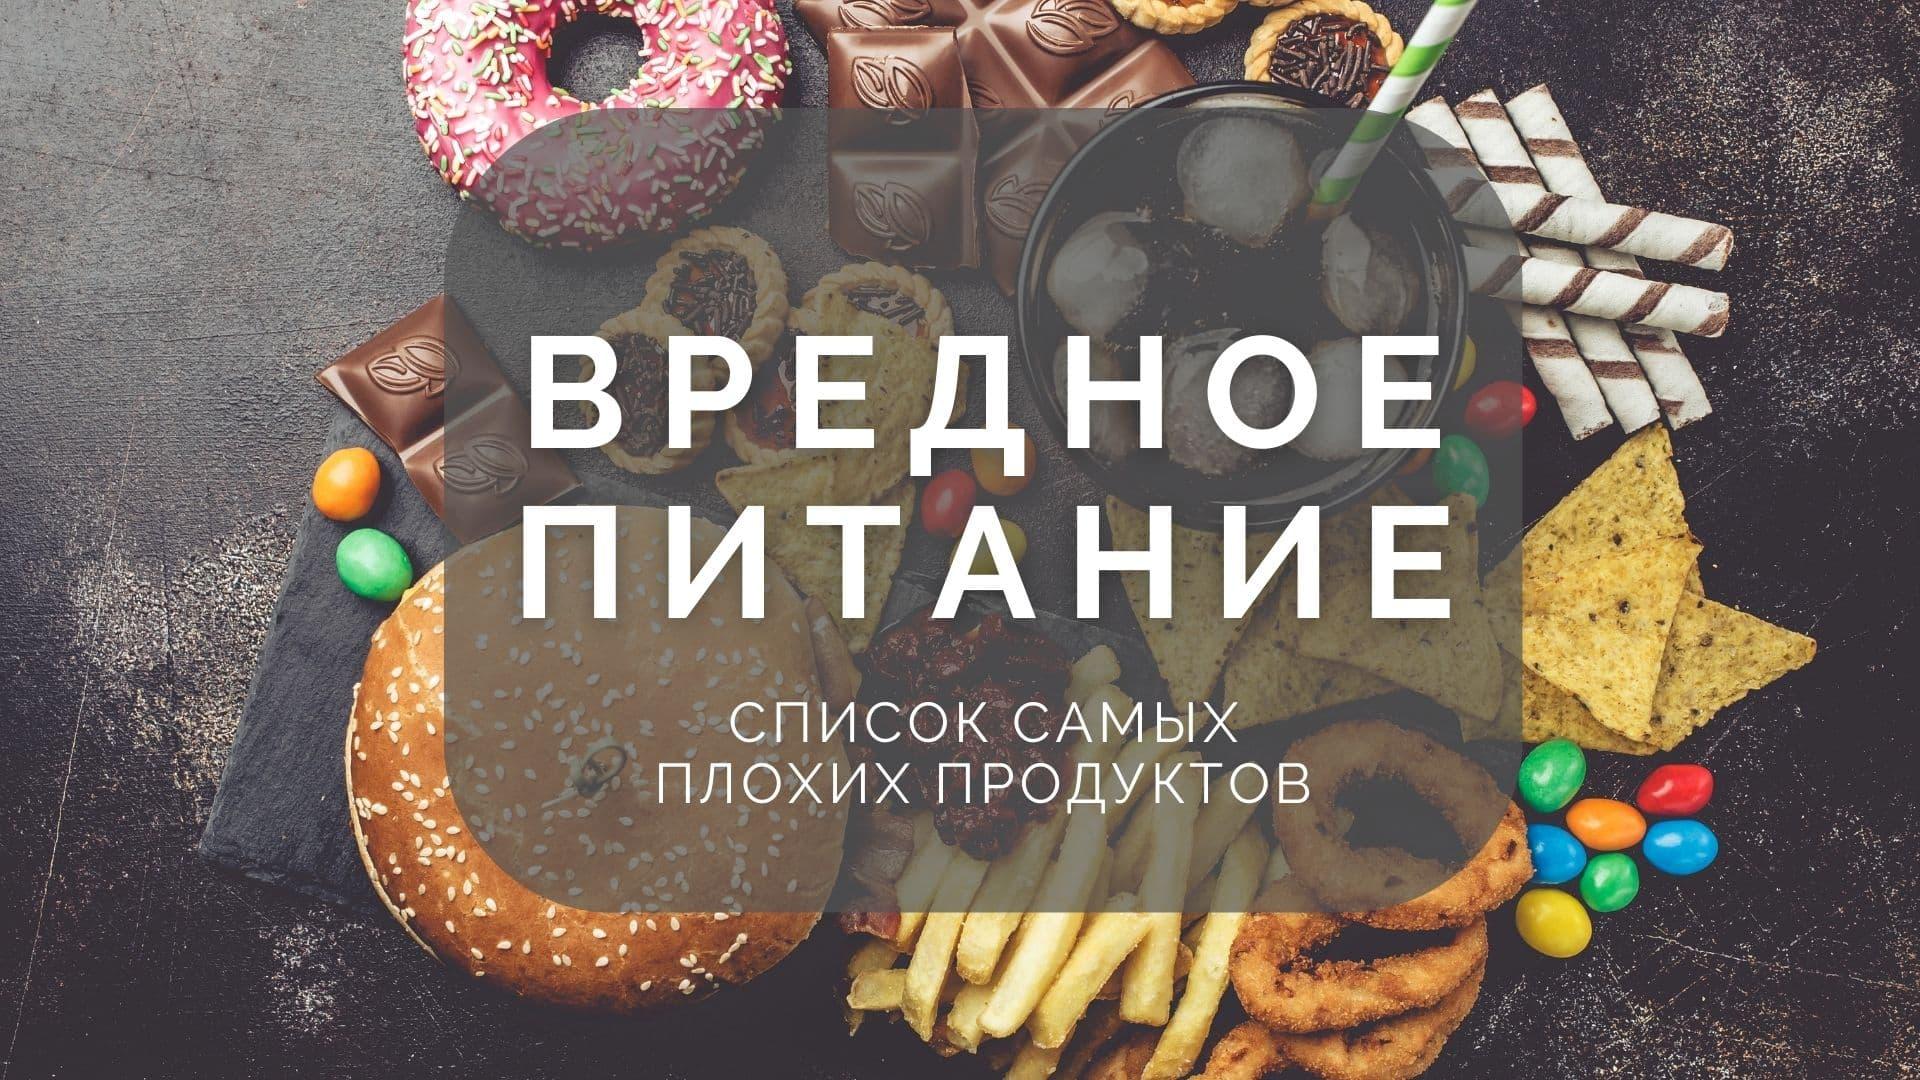 Вредное питание: список самых плохих продуктов